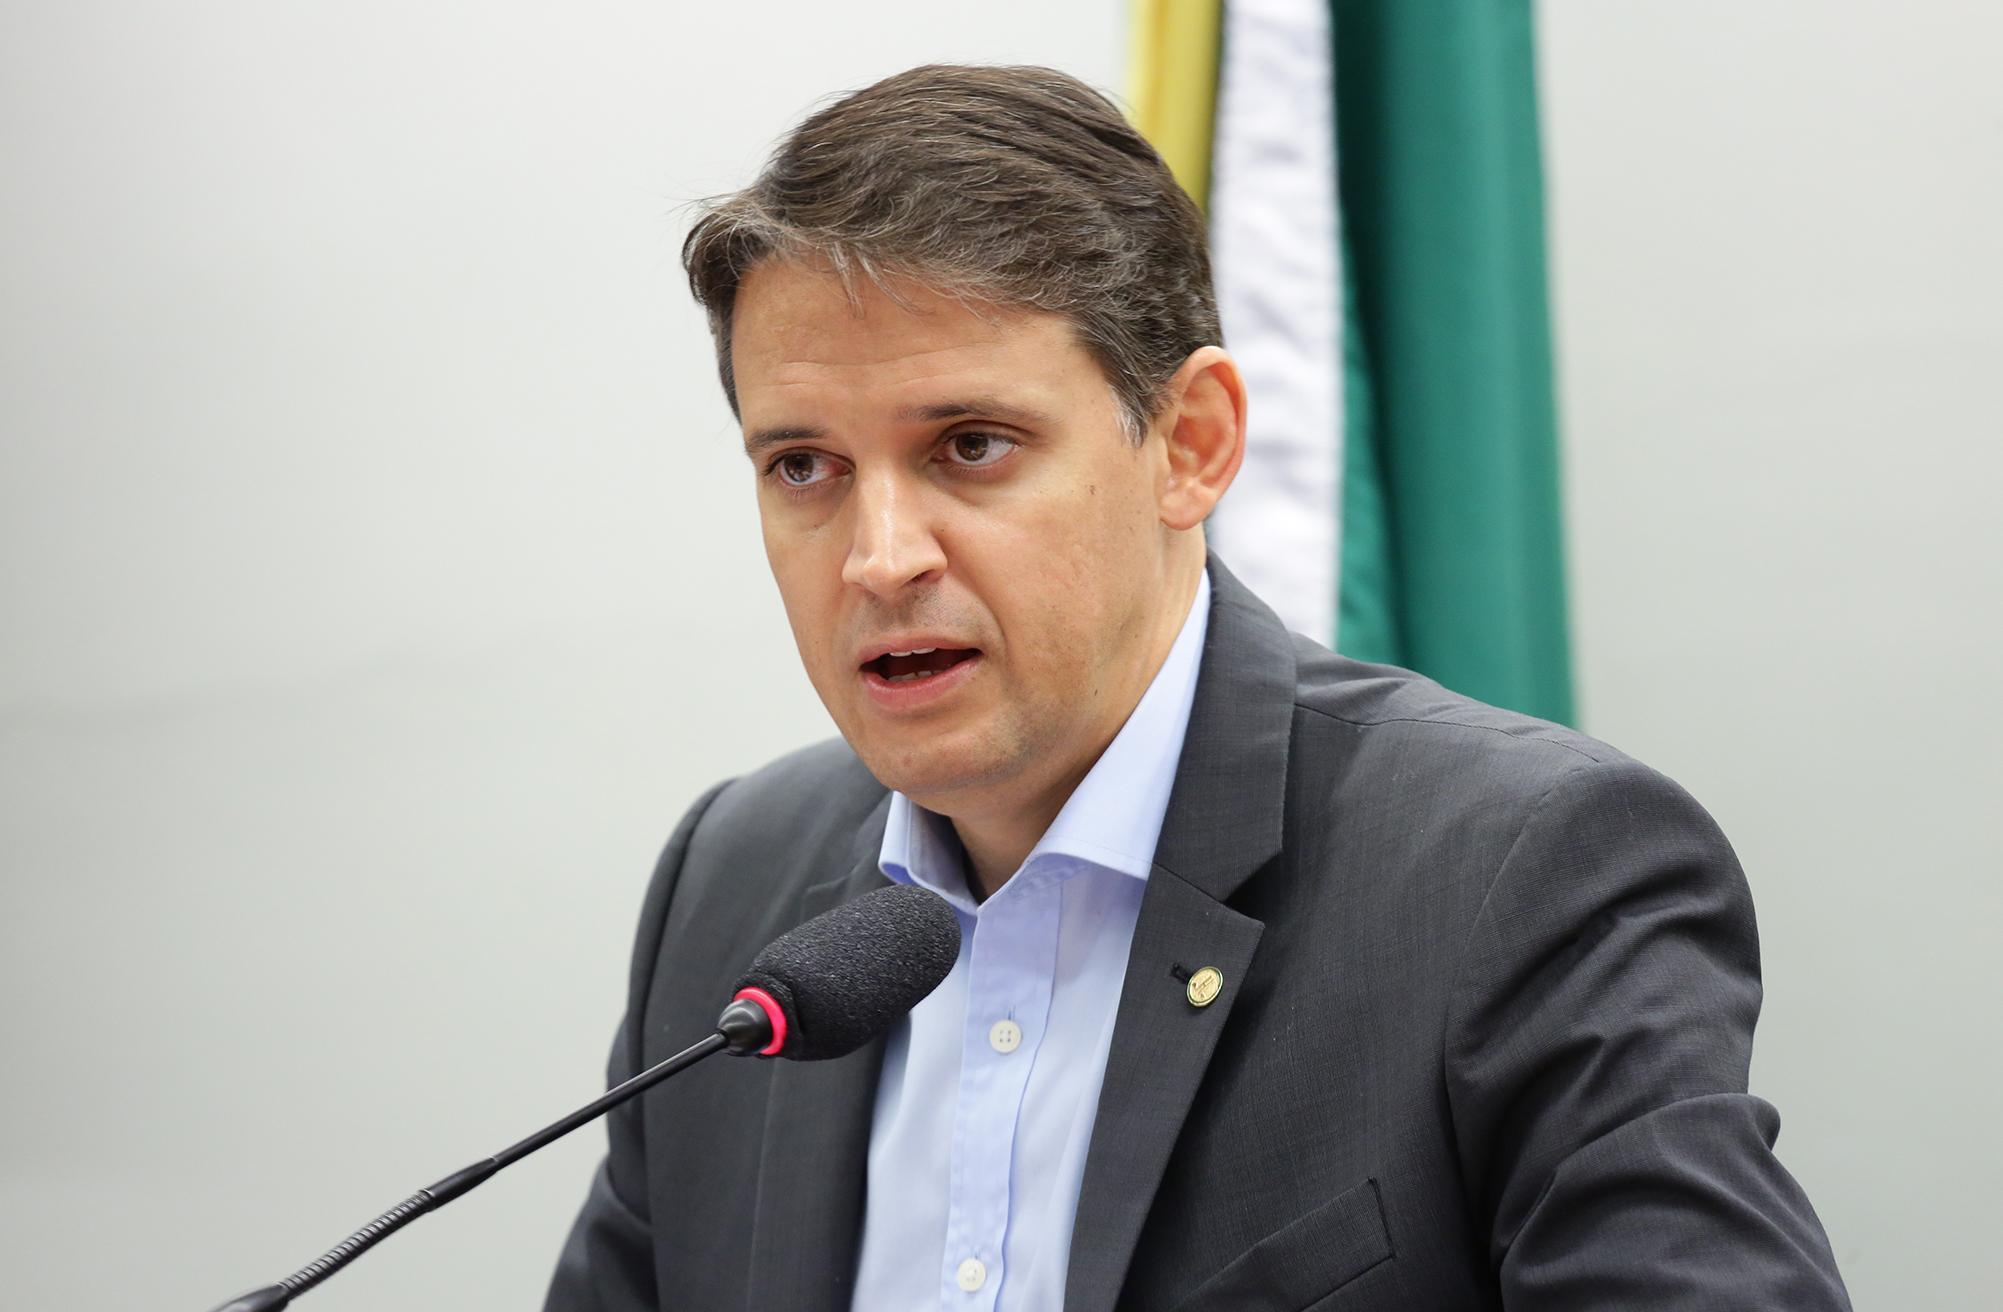 Seminário Revolução Digital no Brasil Tecnologia-Estado. Dep. Thiago Peixoto (PSD - GO)